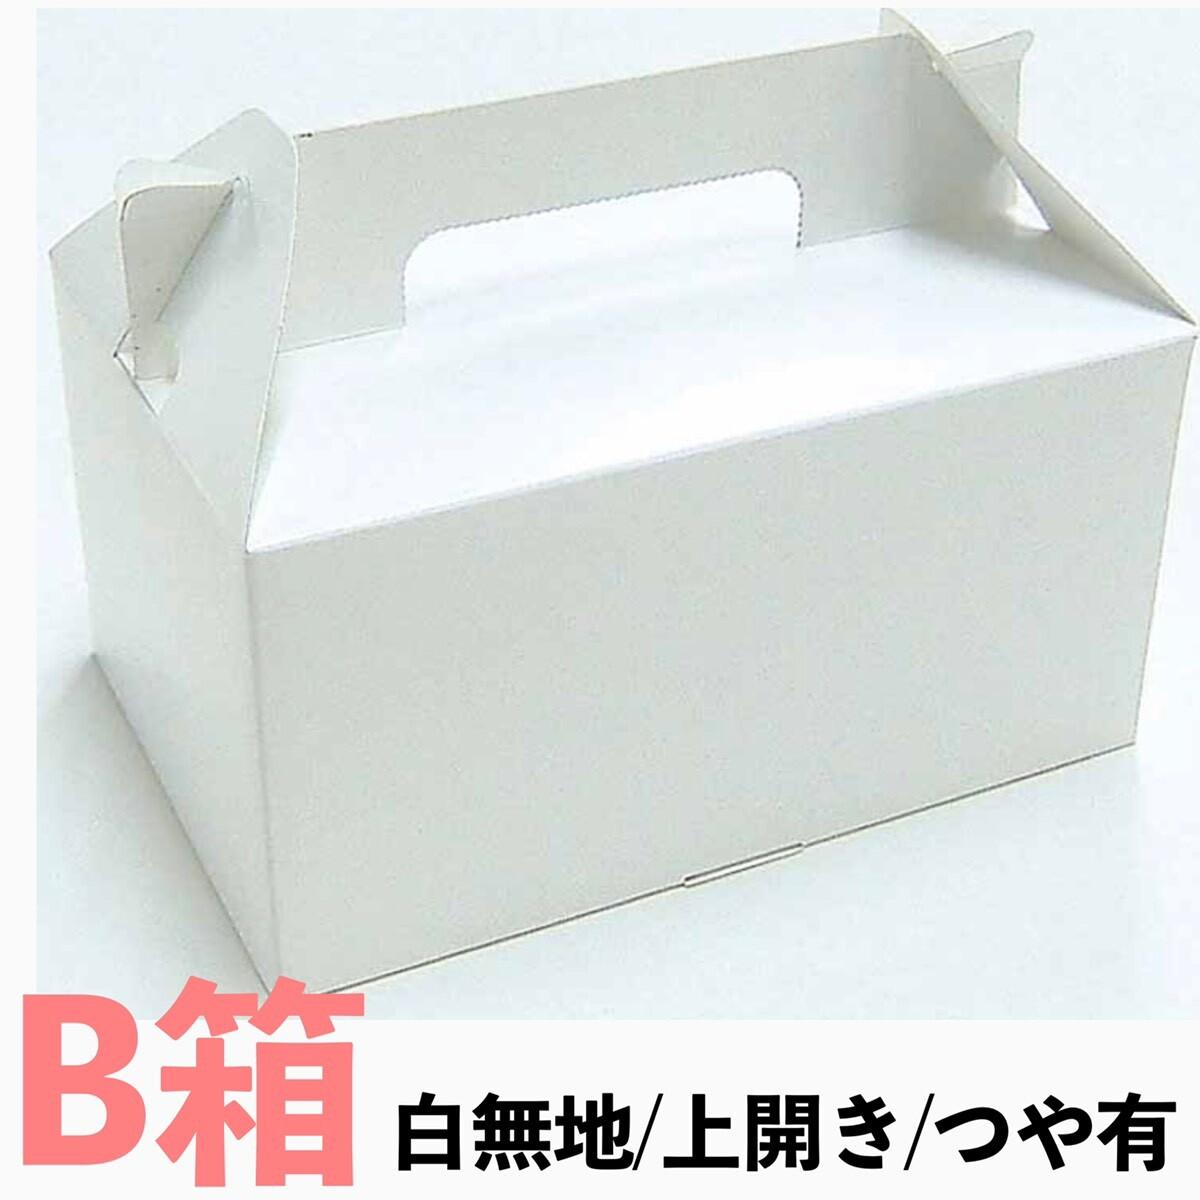 画像1: C-02-B(白無地プレスコート上入れ)/2B/4B/6B/8B/10B (1)